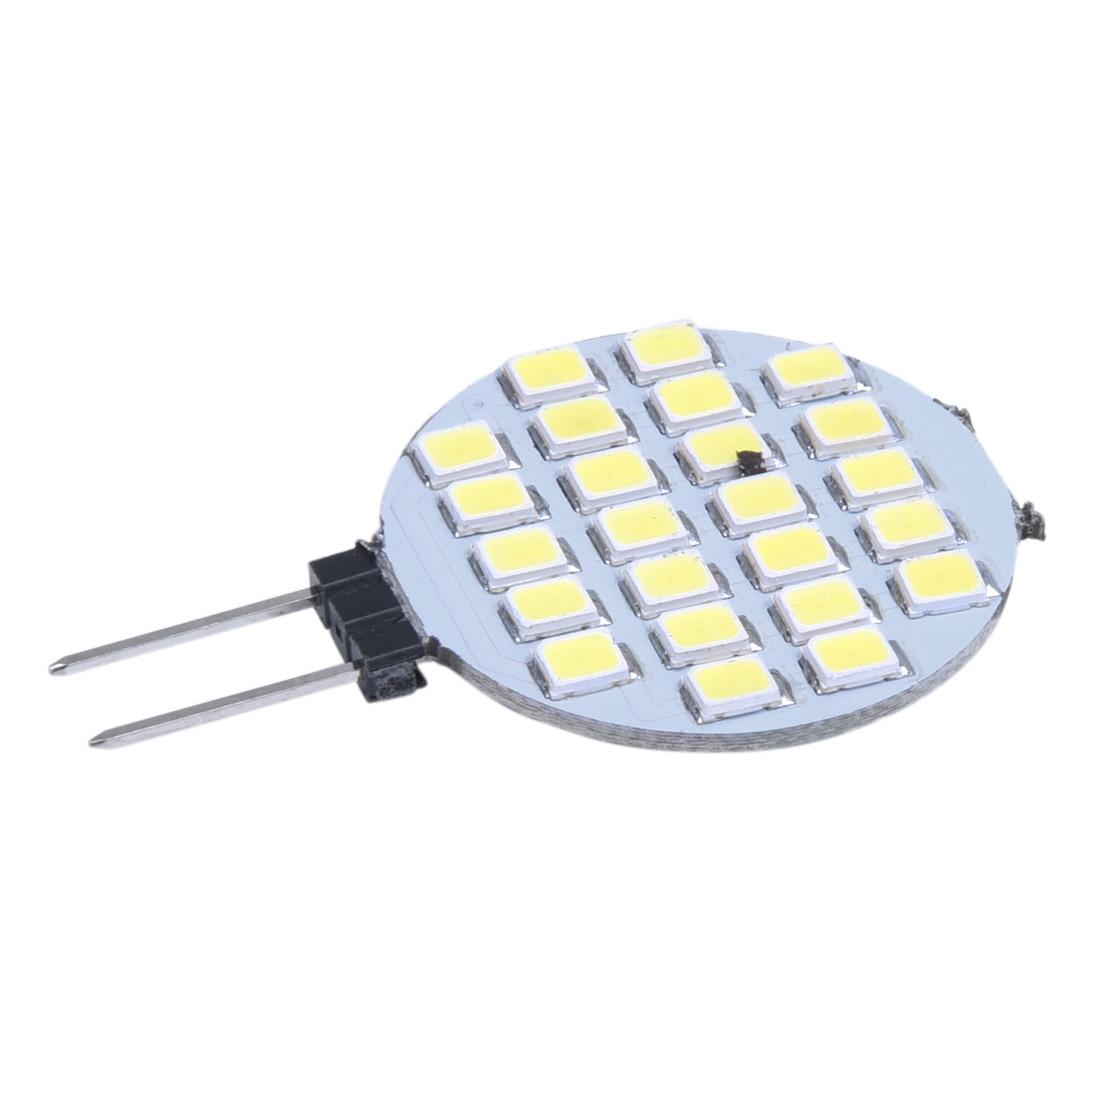 Lights & Lighting Led Lighting Contemplative G4 1210 Smd 24 Led Light Bulb Lamp Bulb White Spot 6000-6500k Dc 12v